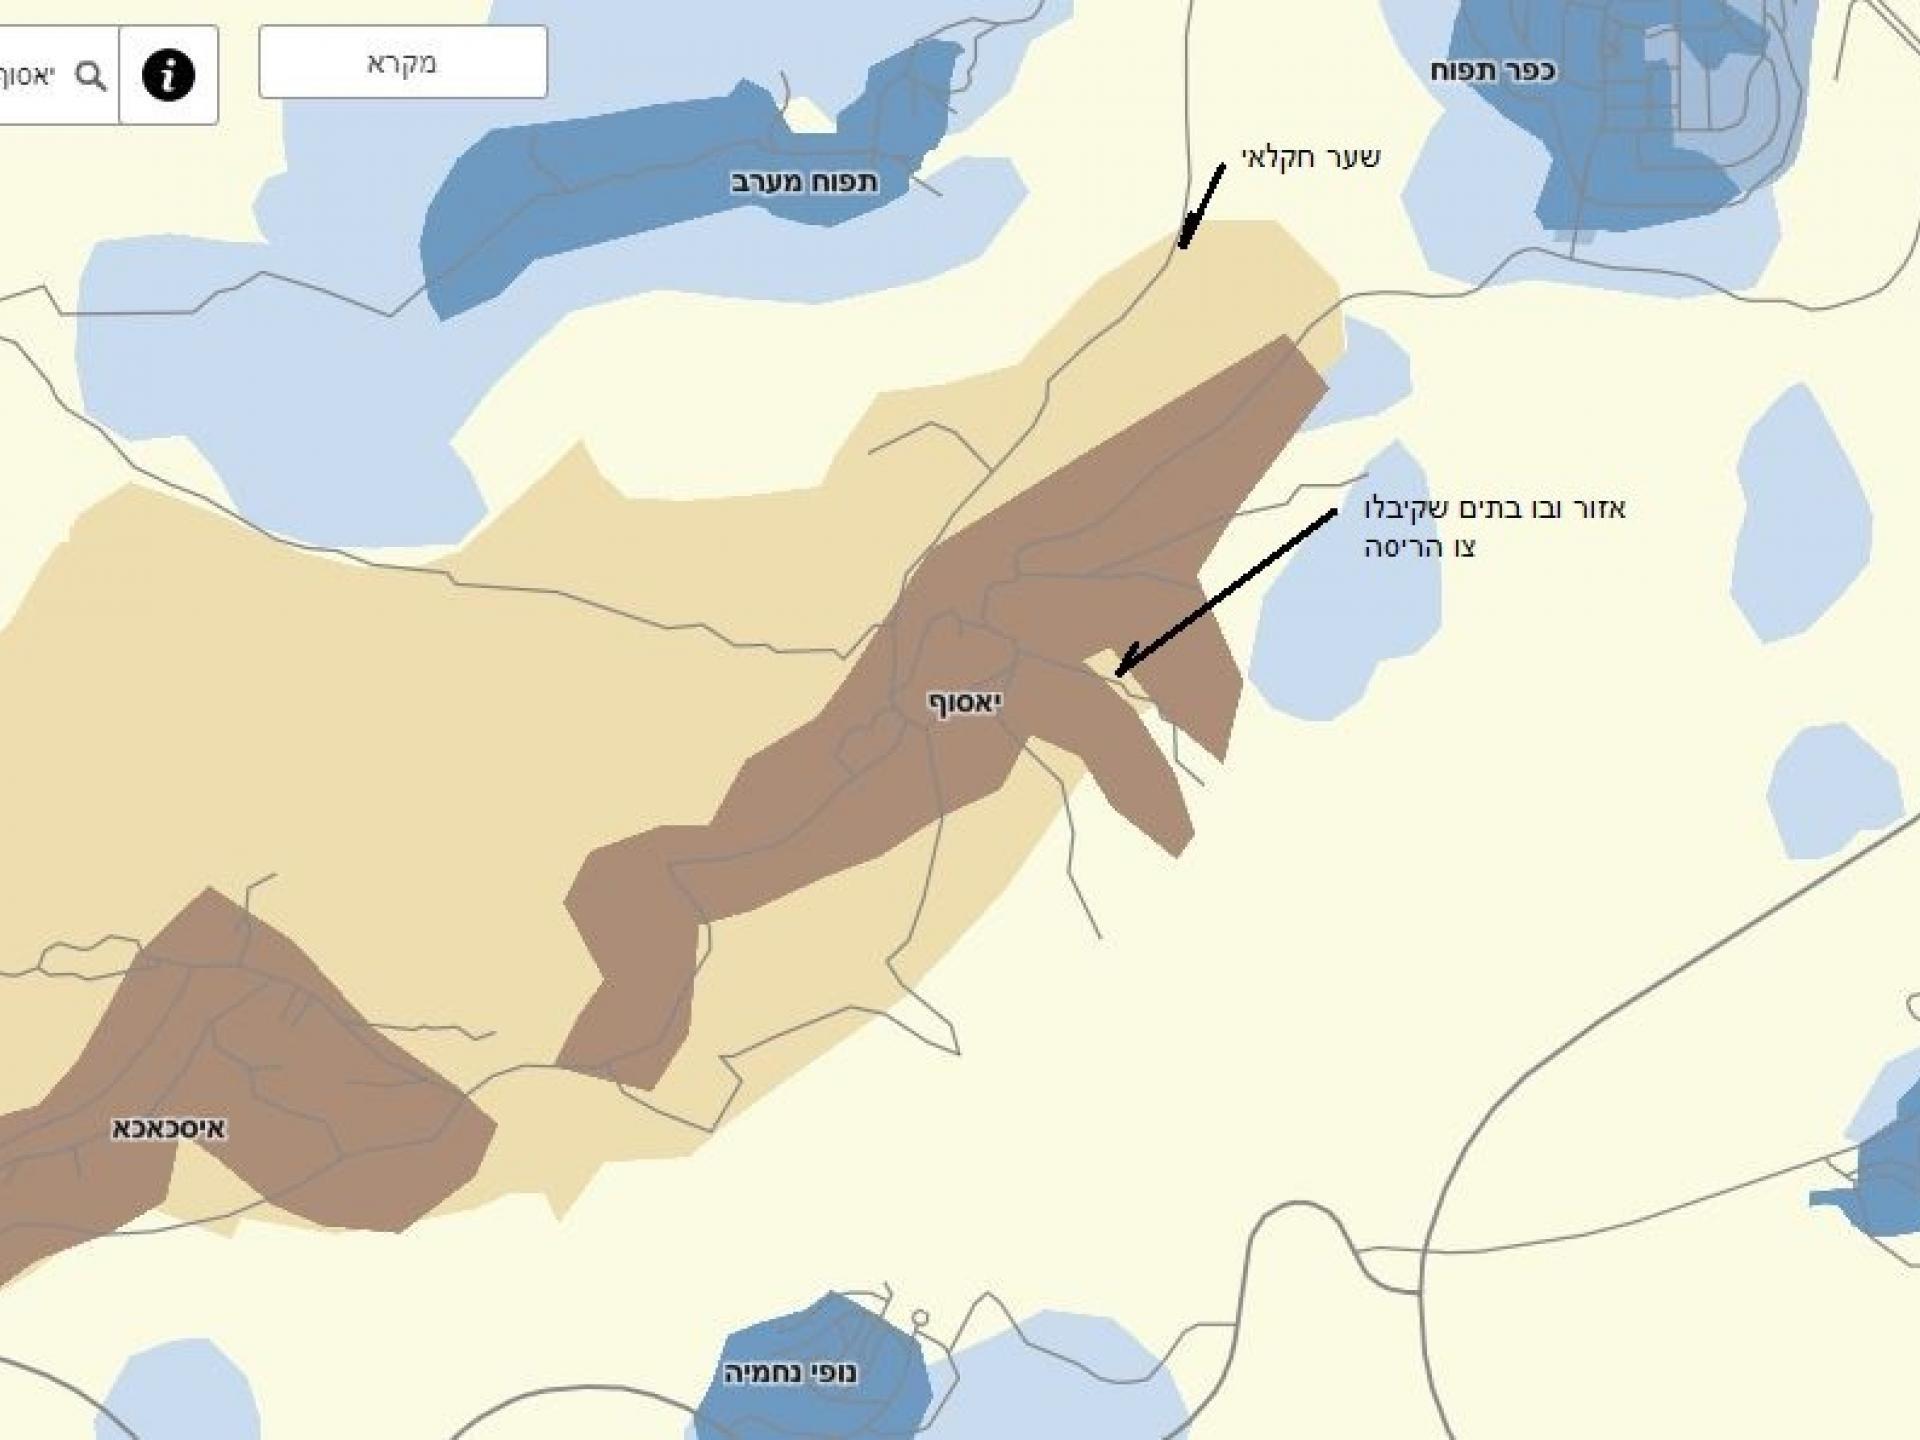 אזור כפר יאסוף: מסומנים הבתים שקיבלו צו הריסה והשער החקלאי החסום